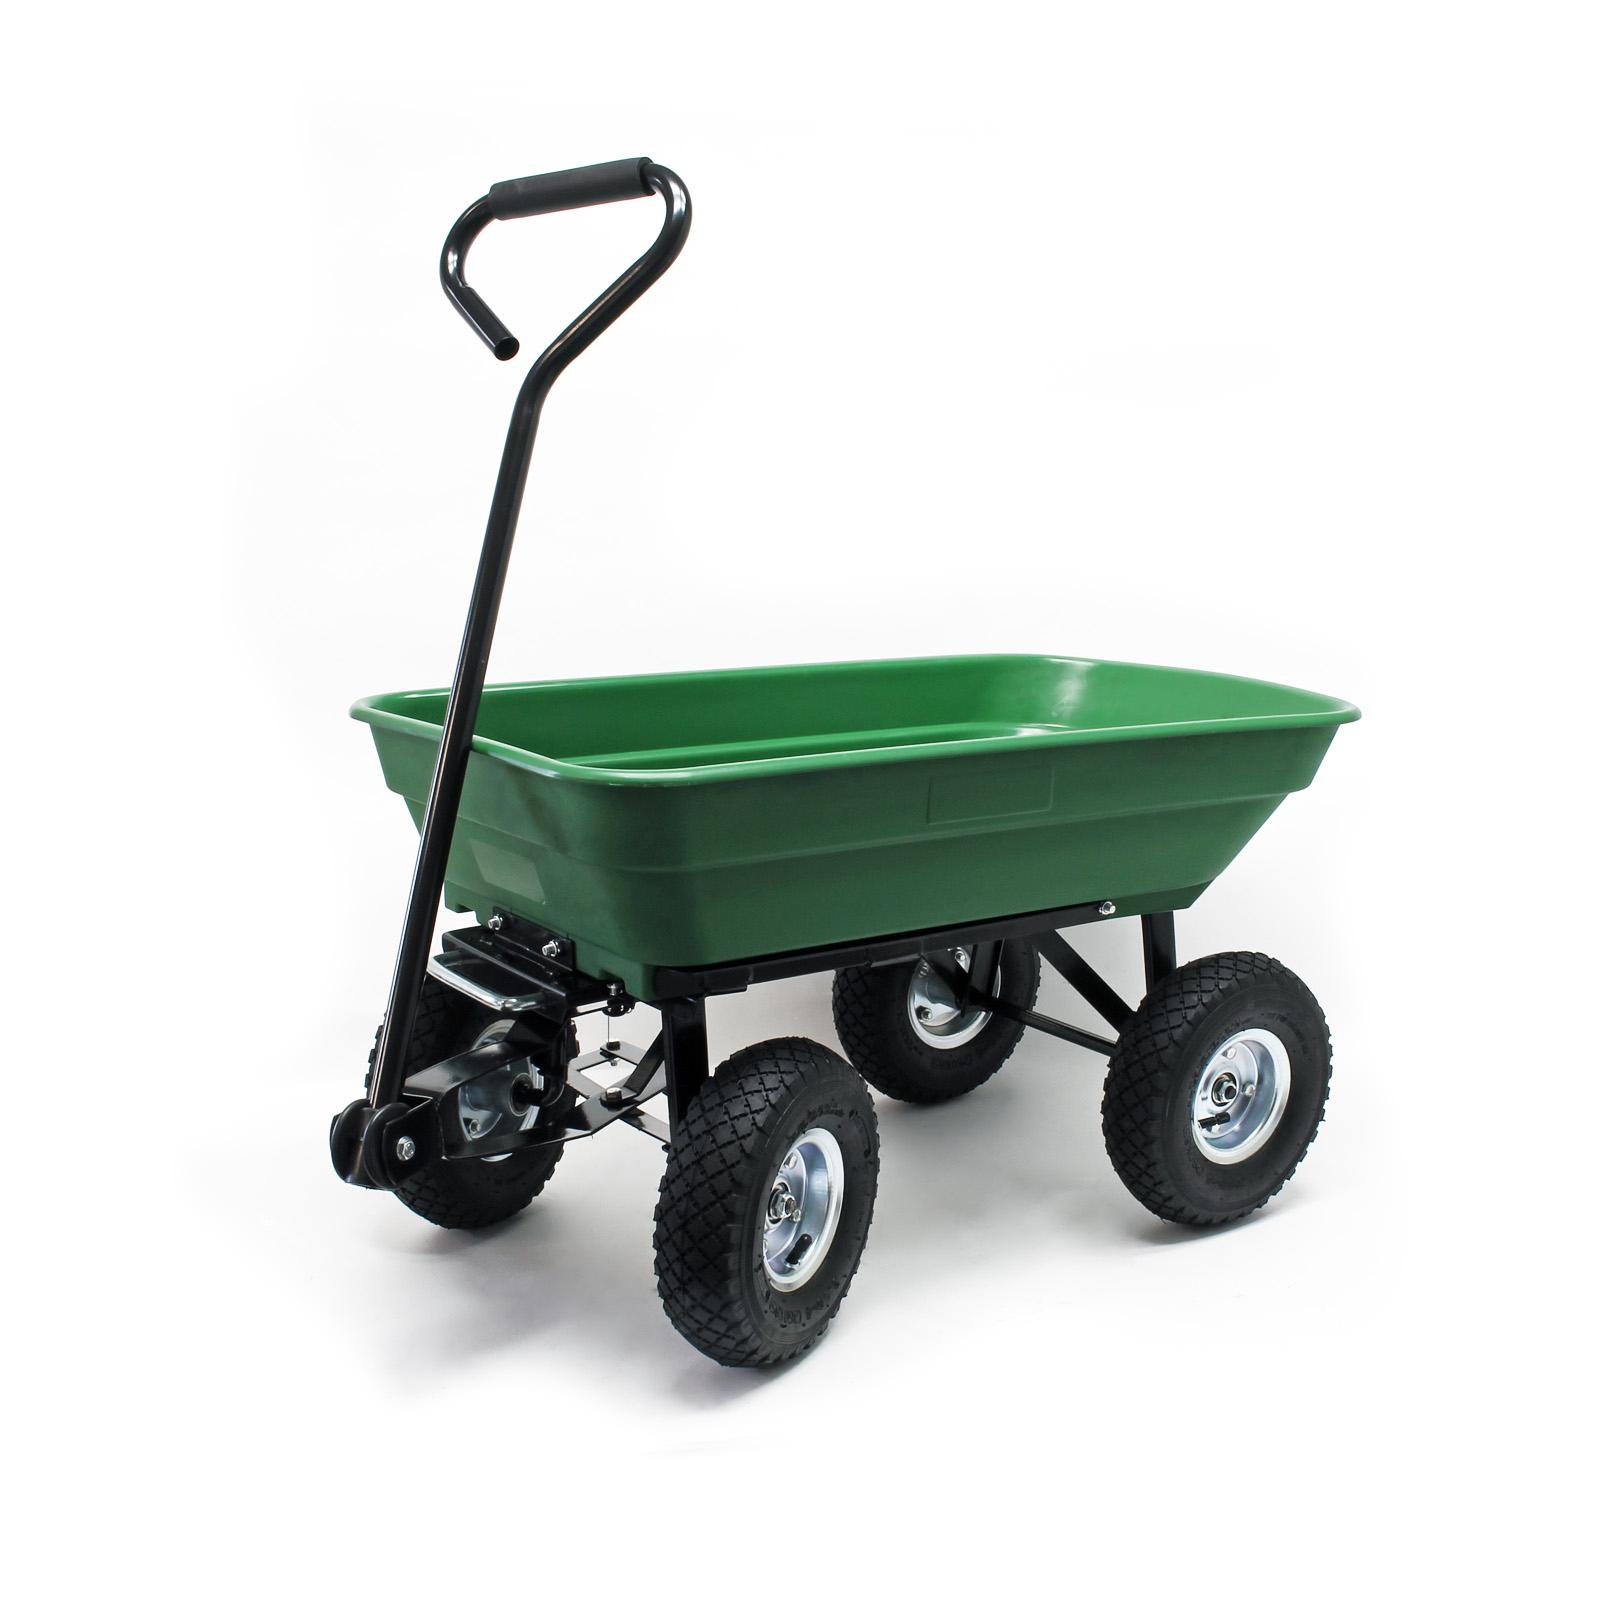 Détails Sur Chariot De Jardin À Main 55L Capacité 200Kg Benne Basculante  Remorque Brouette serapportantà Chariot Remorque Jardin